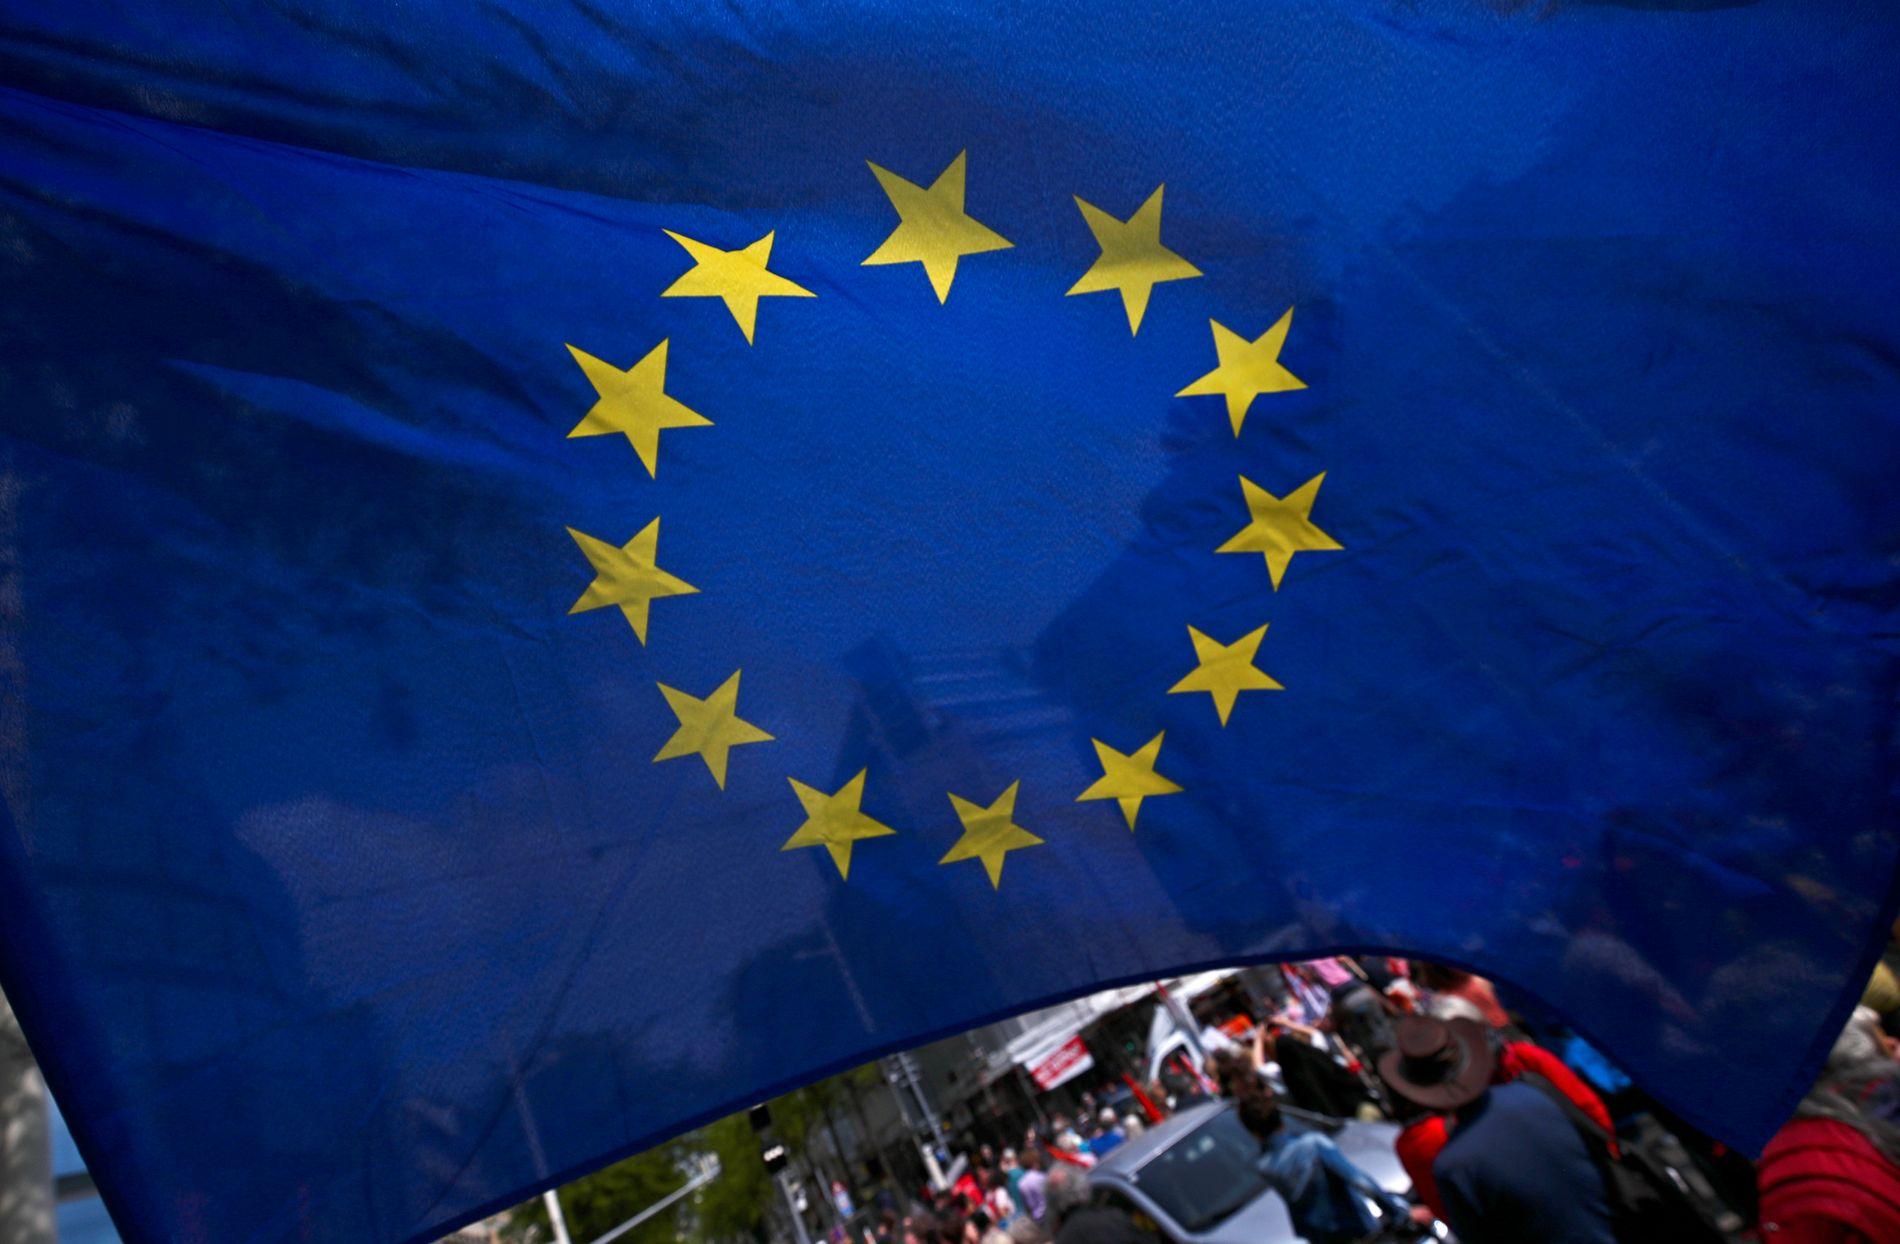 STERKE KREFTER: Mange glemmer at samlet sett er EU verdens største økonomi. Tysklands BNP er alene nær tre ganger større enn Russlands! Derfor er det ikke rart at sterke krefter utenfor EU og noen innenfor vil bryte opp europeisk samhold, skriver Torbjørn Wilhelmsen, leder i Europabevegelsen i Hordaland.